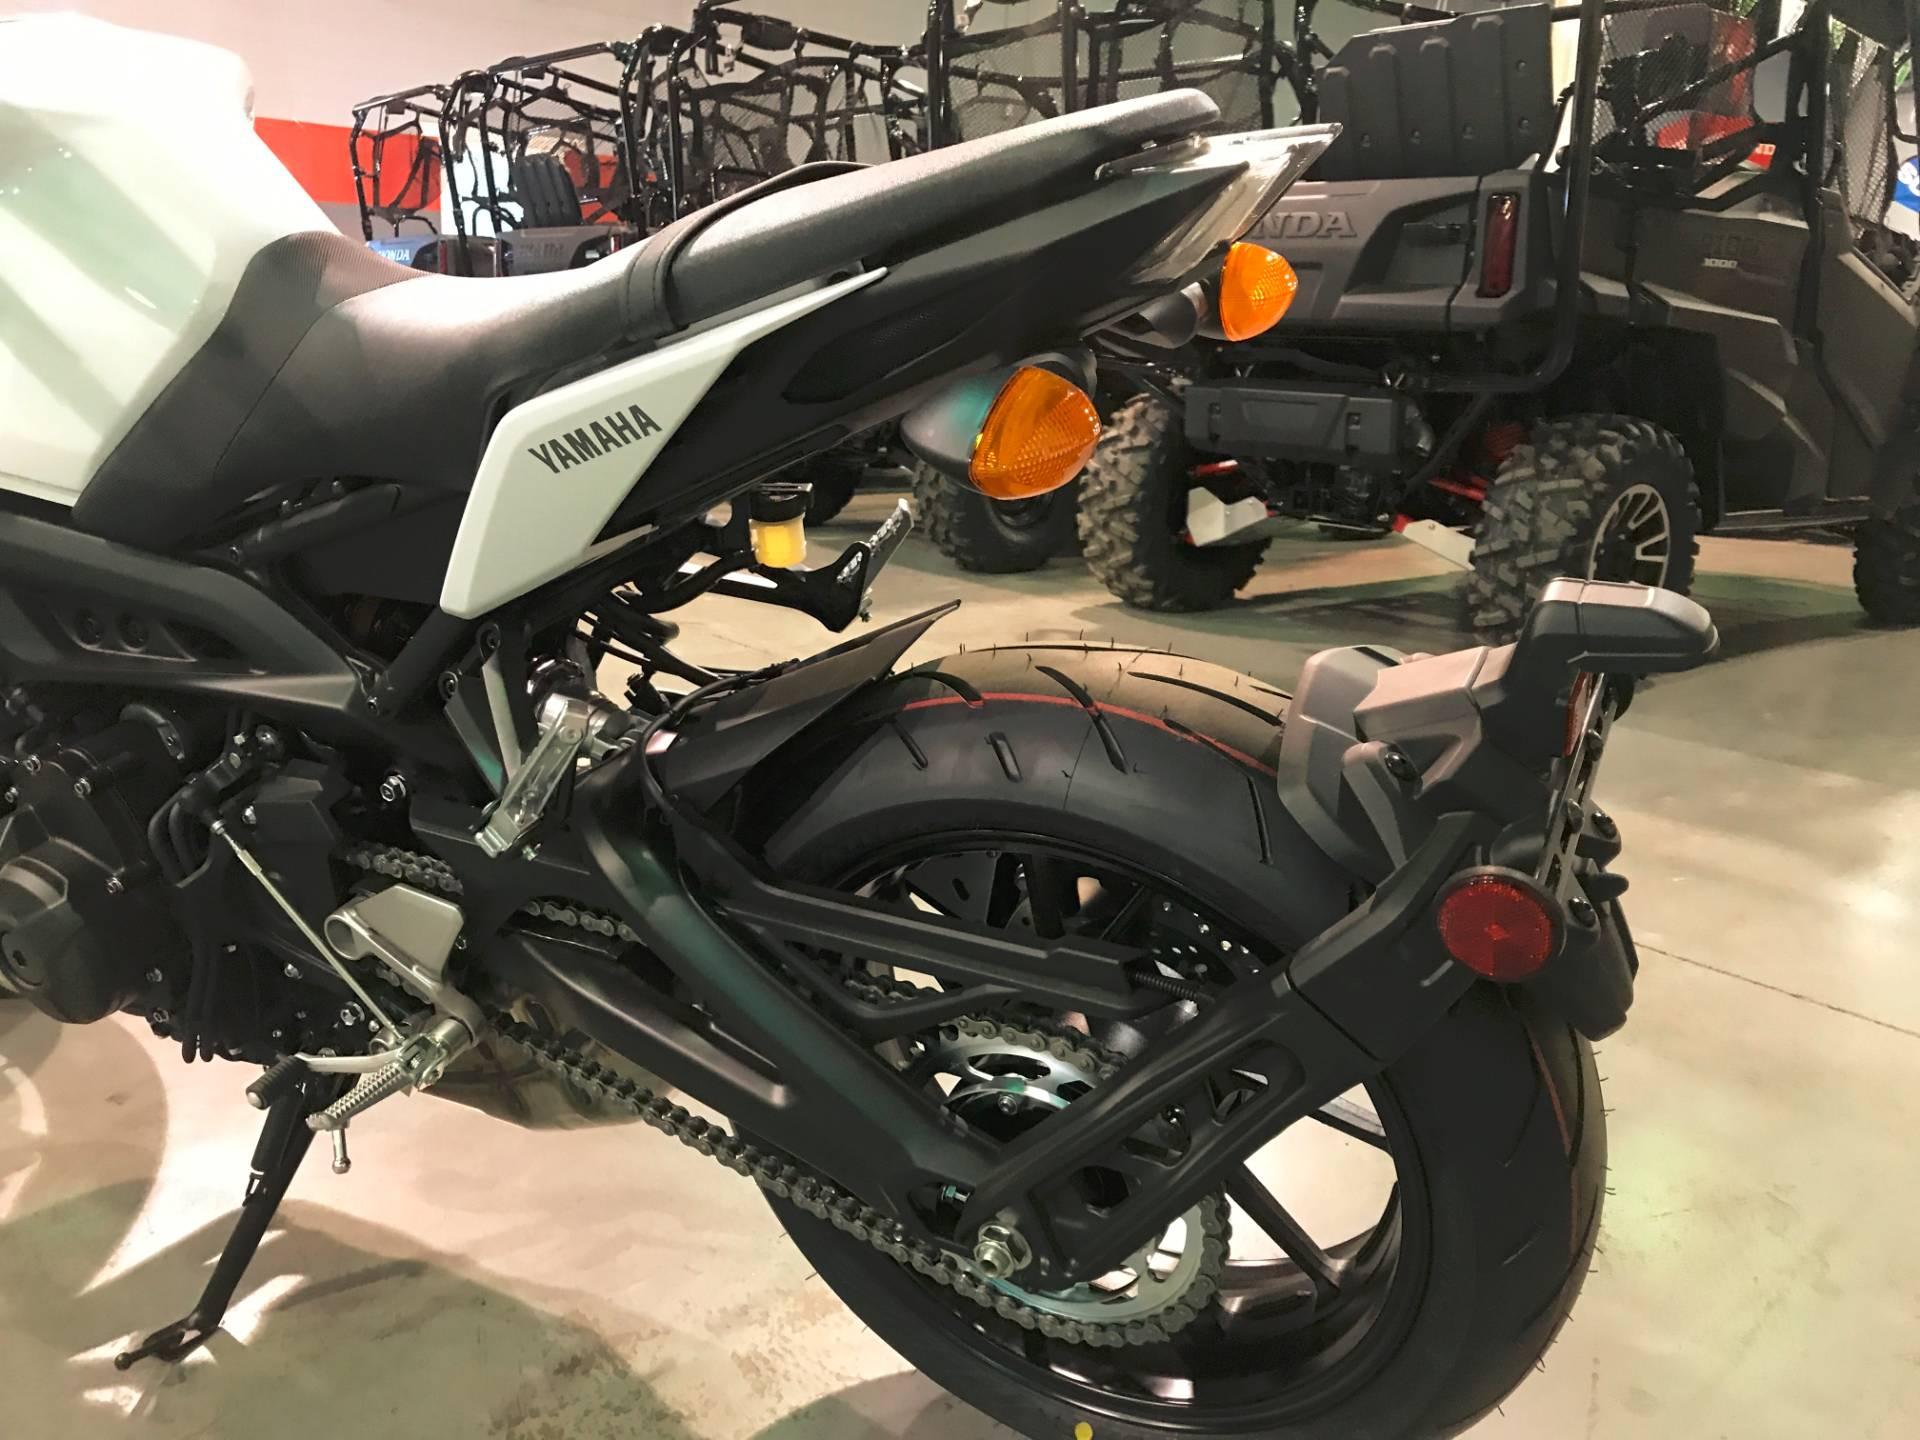 2017 Yamaha FZ-09 10